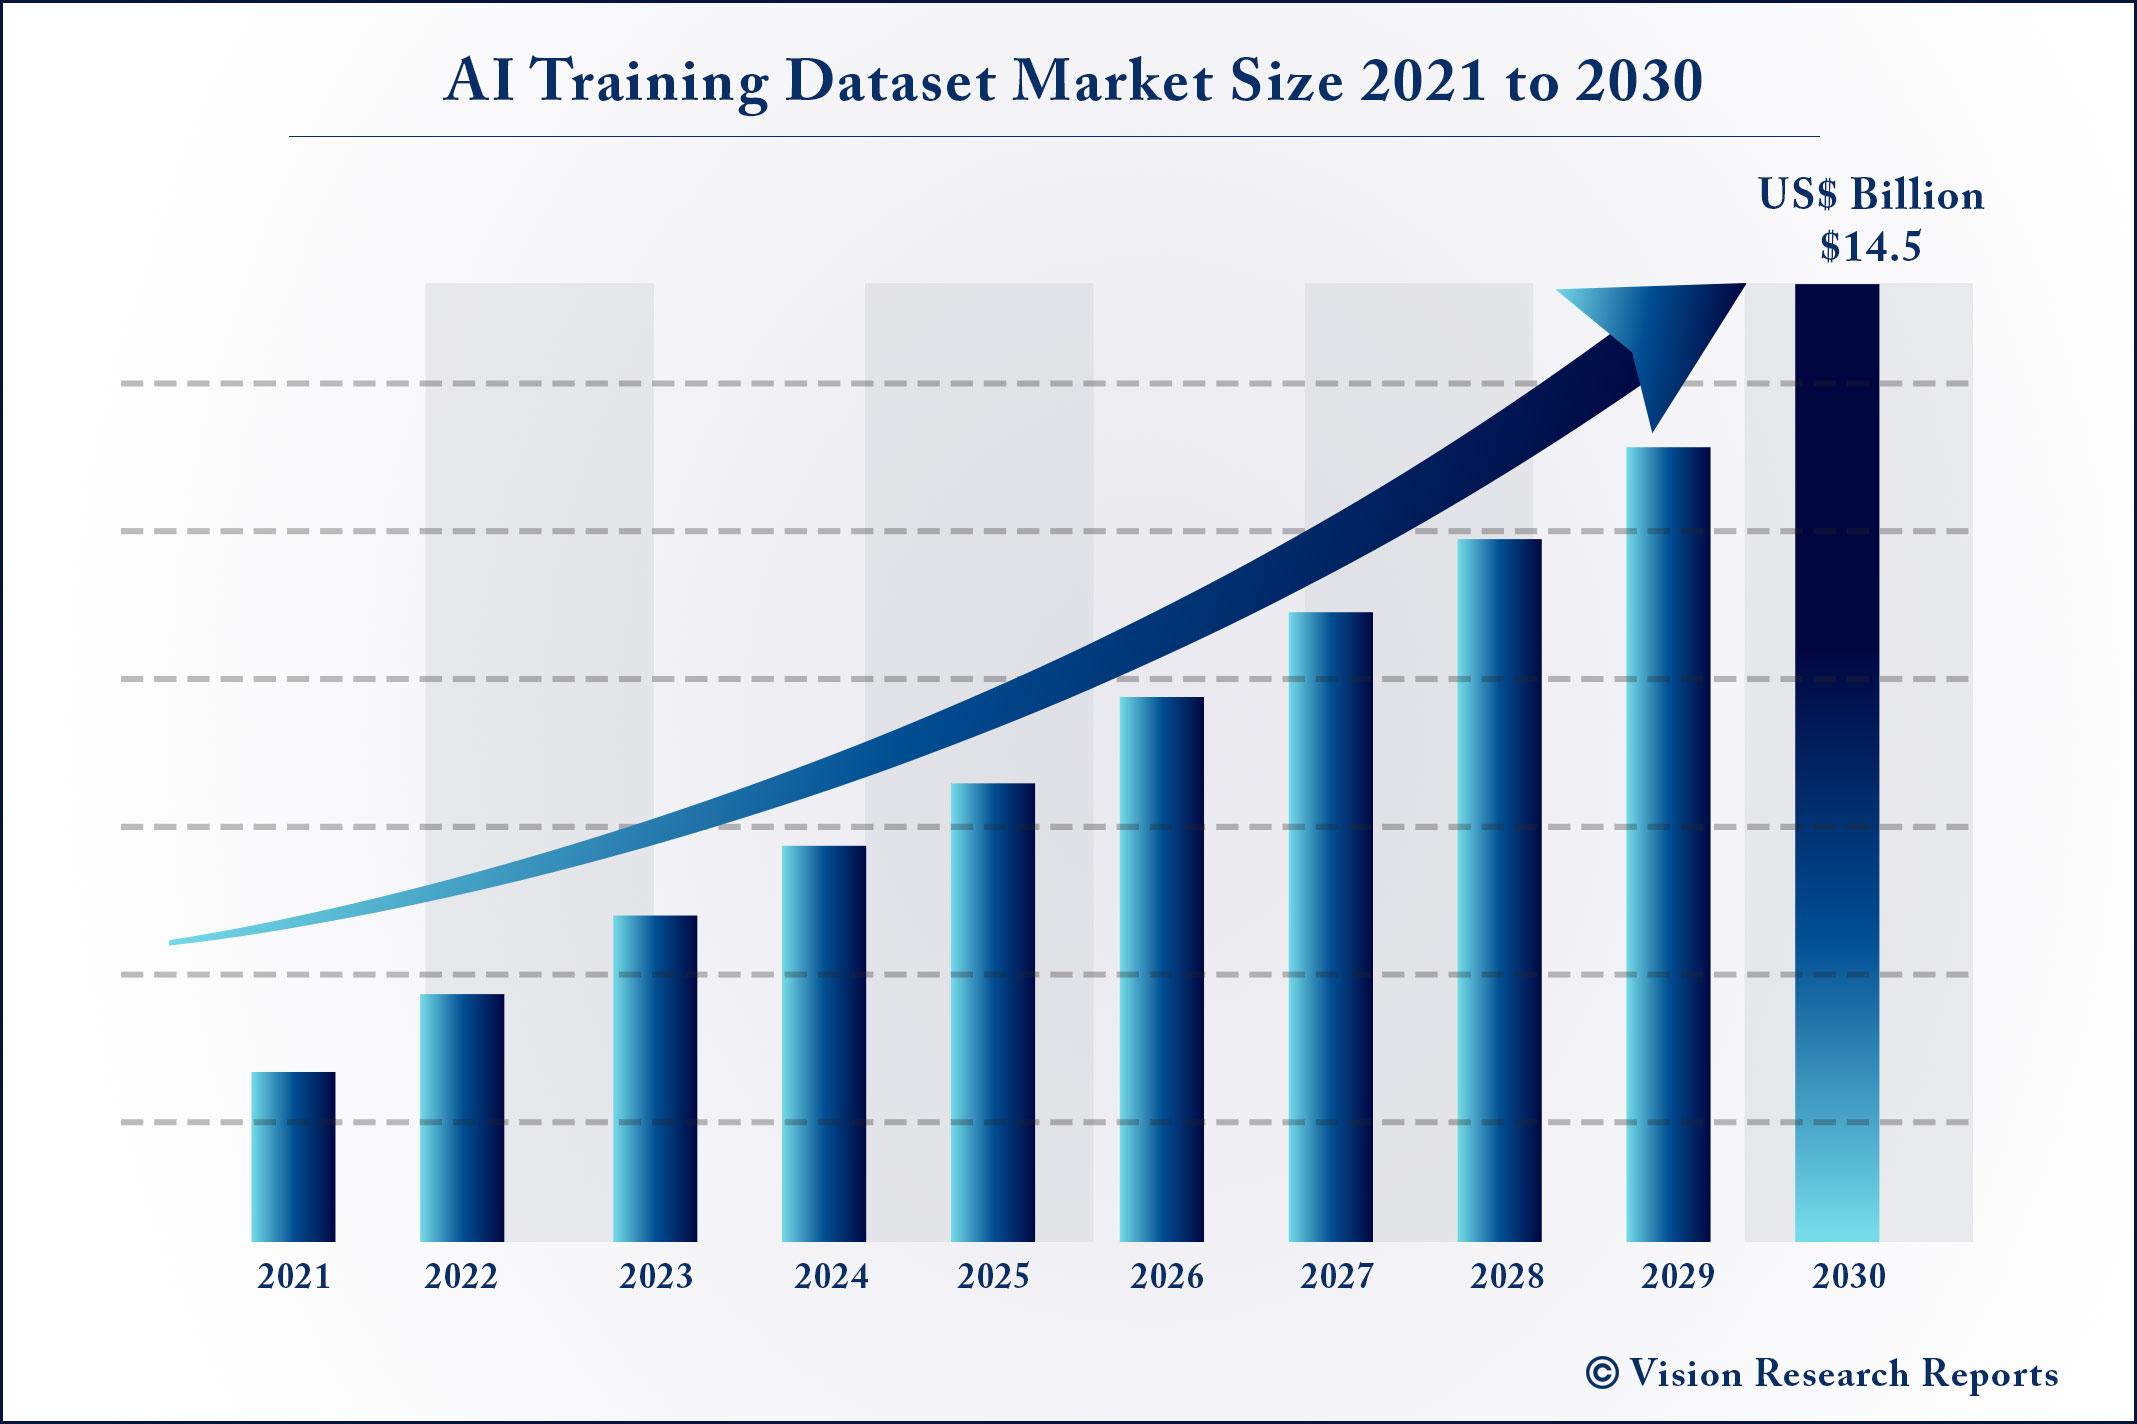 AI Training Dataset Market Size 2021 to 2030